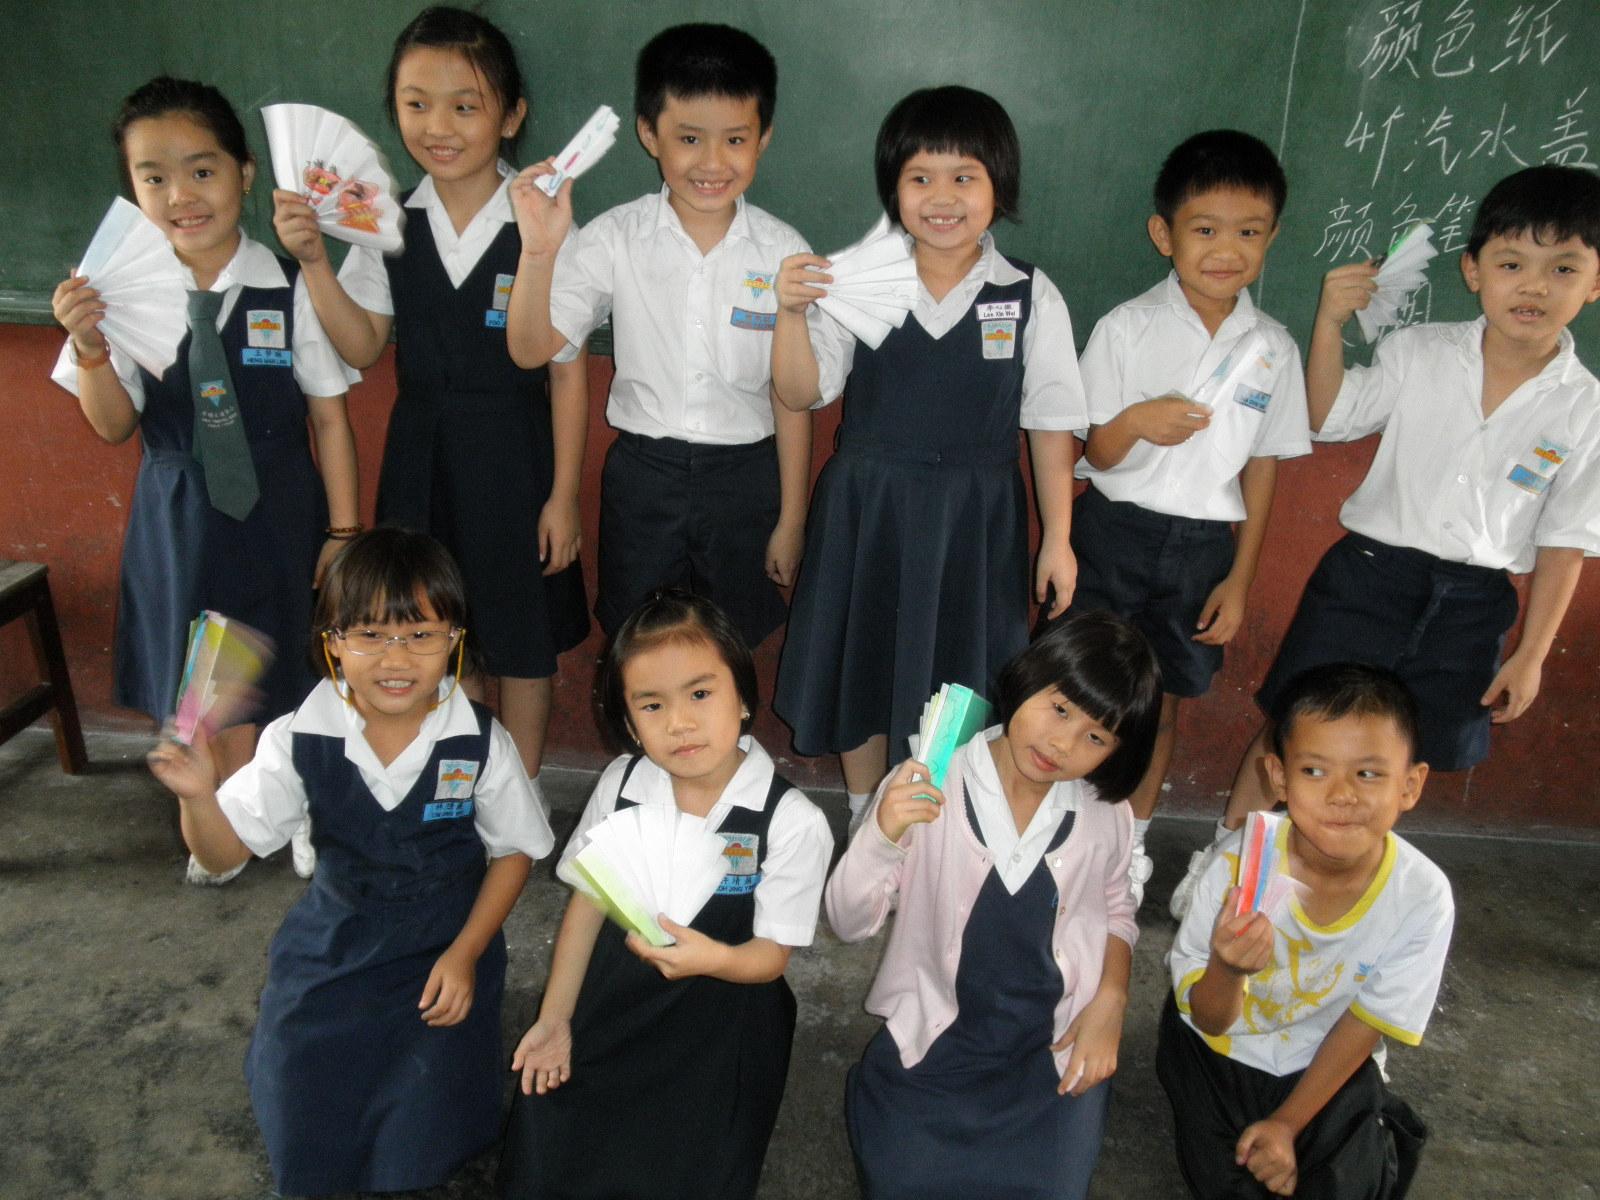 ... kertas suasana bilik darjah ketika menghasilkan kipas kertas hasil